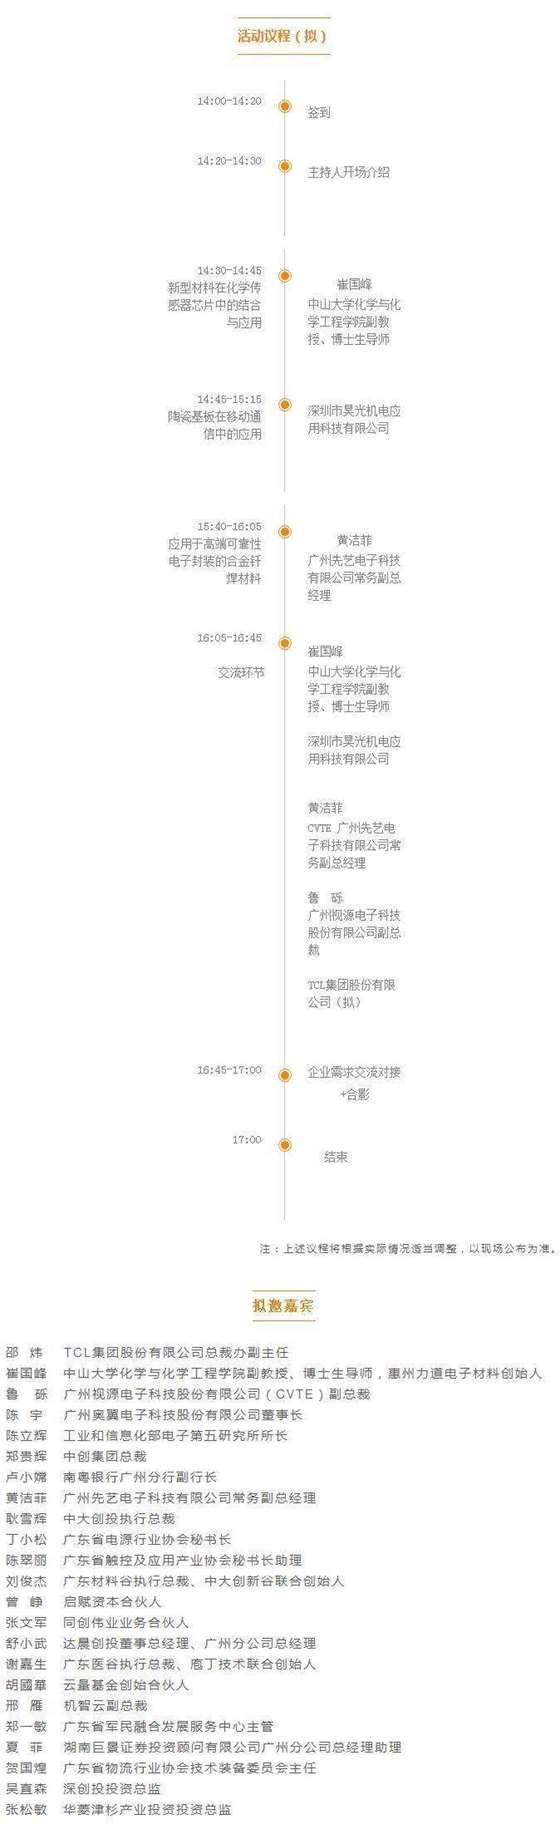 【预告 _ 科技直通车 】电子元件新型材料与创新应用交流会 - 副本 (2).png